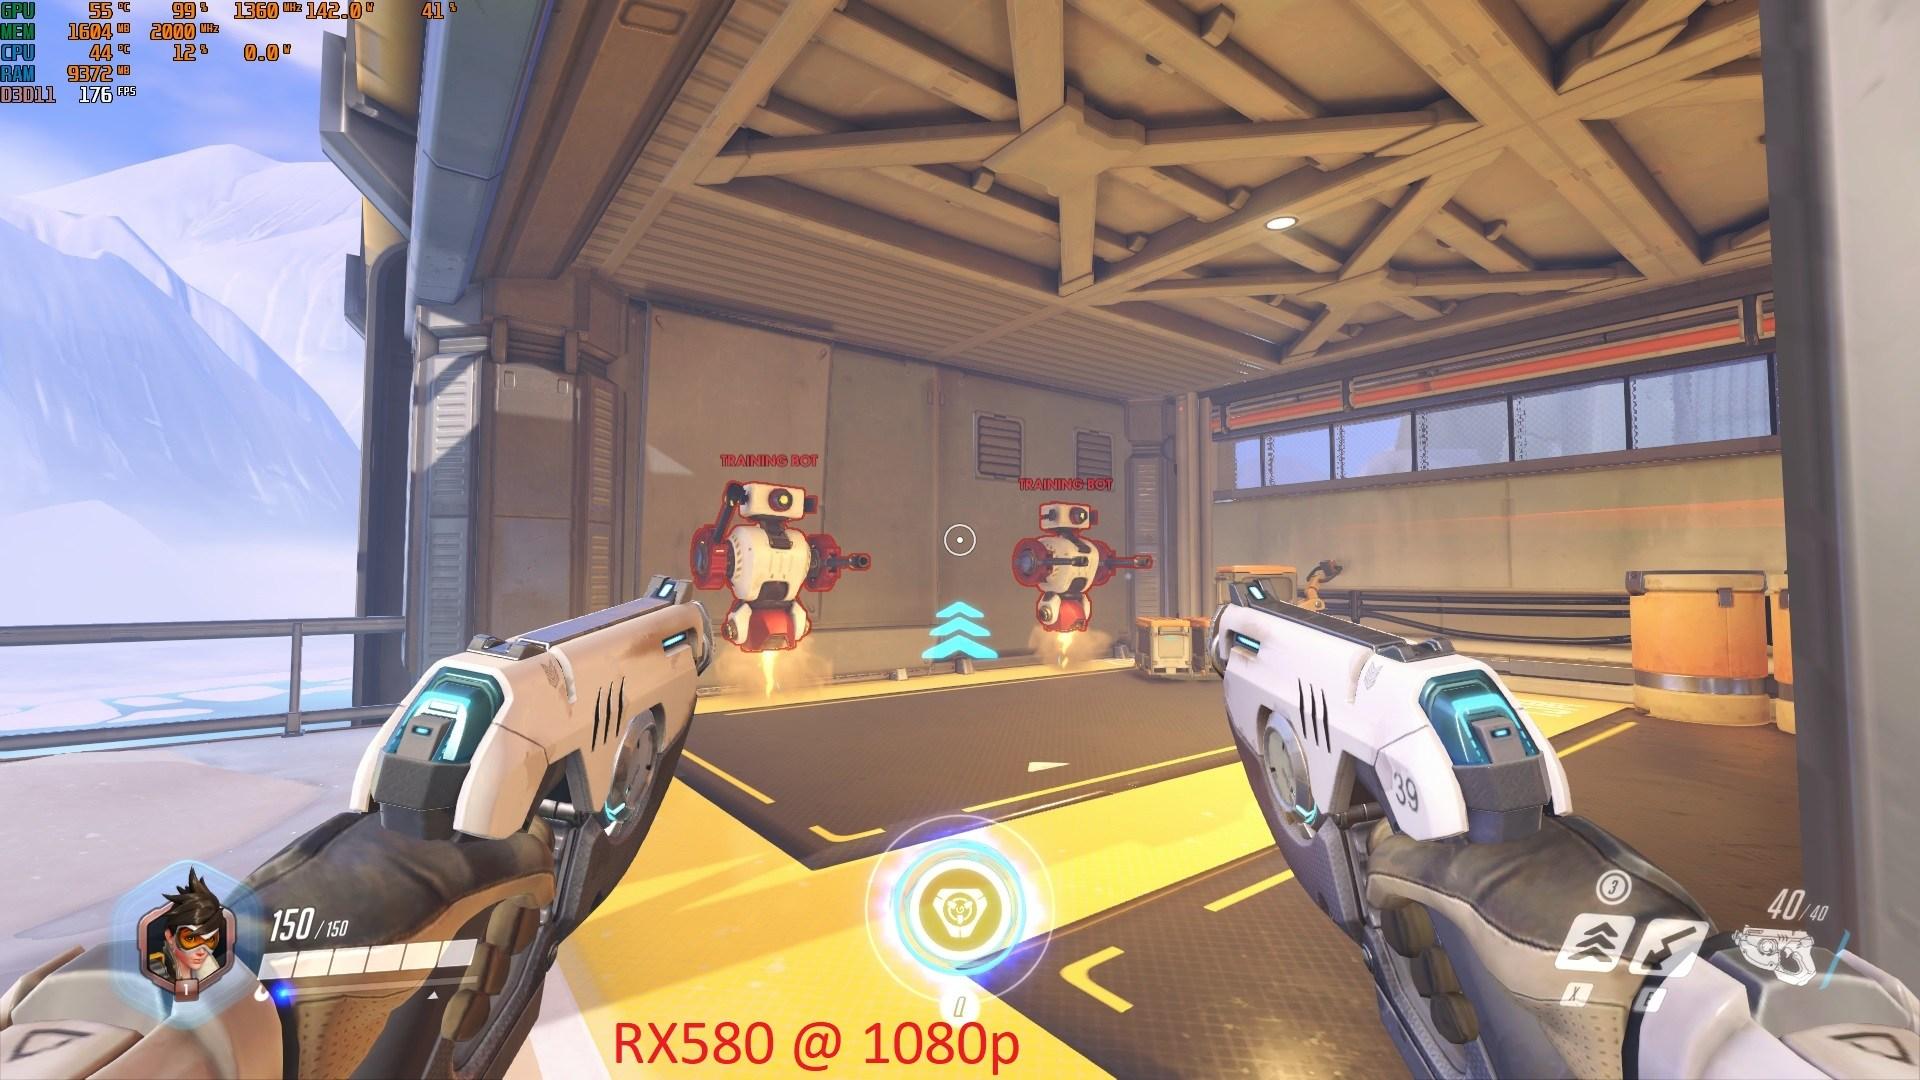 Overwatch_RX580